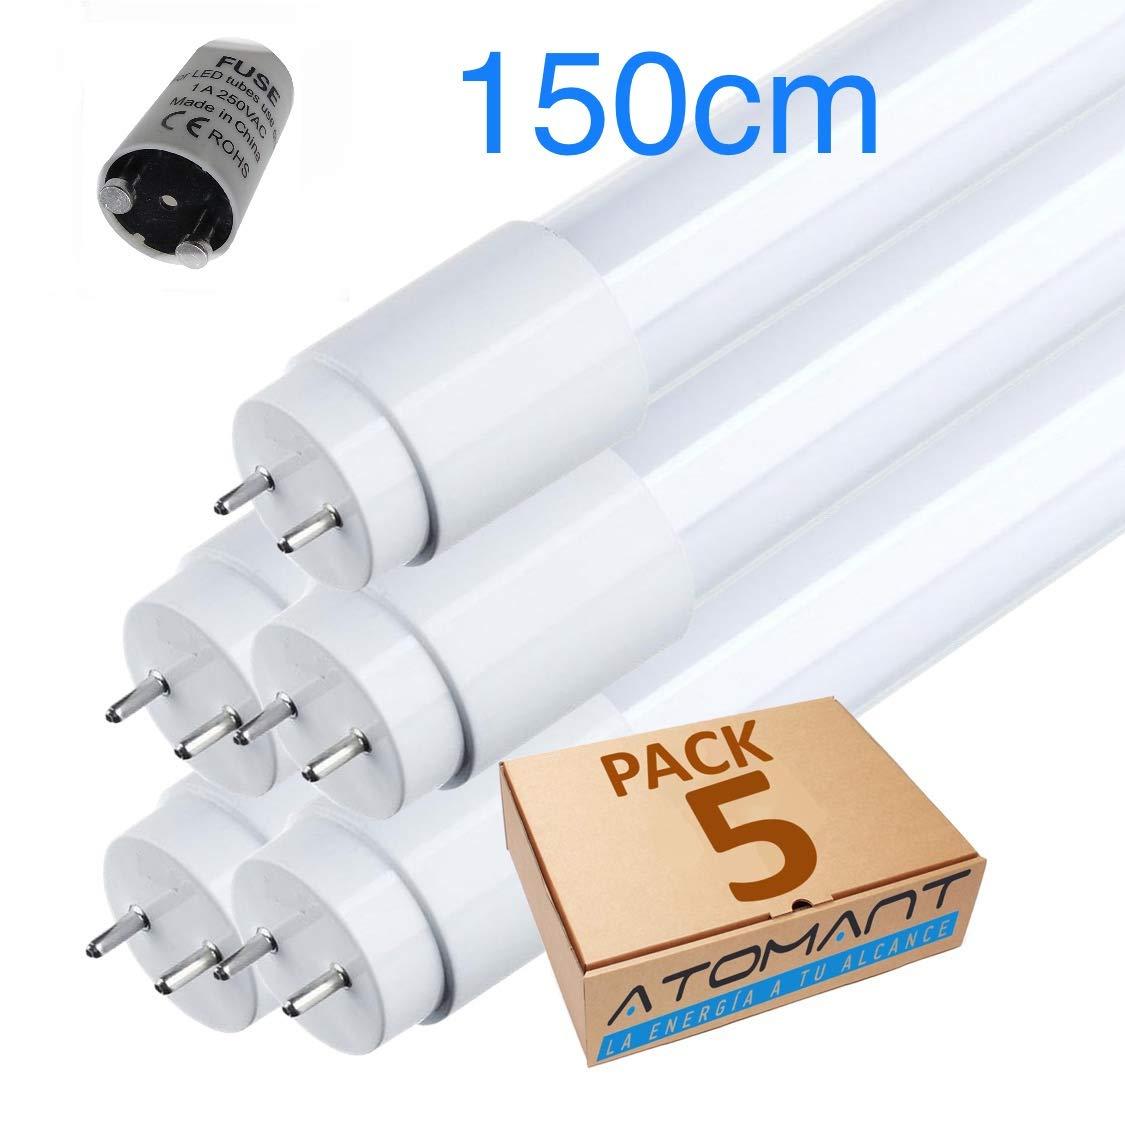 Pack 4x Tubo de LED 150cm 6500K 24w Pack 4x Standard T8 G13-2200 lumenes reales- Cebador LED incluido. color blanco Frio